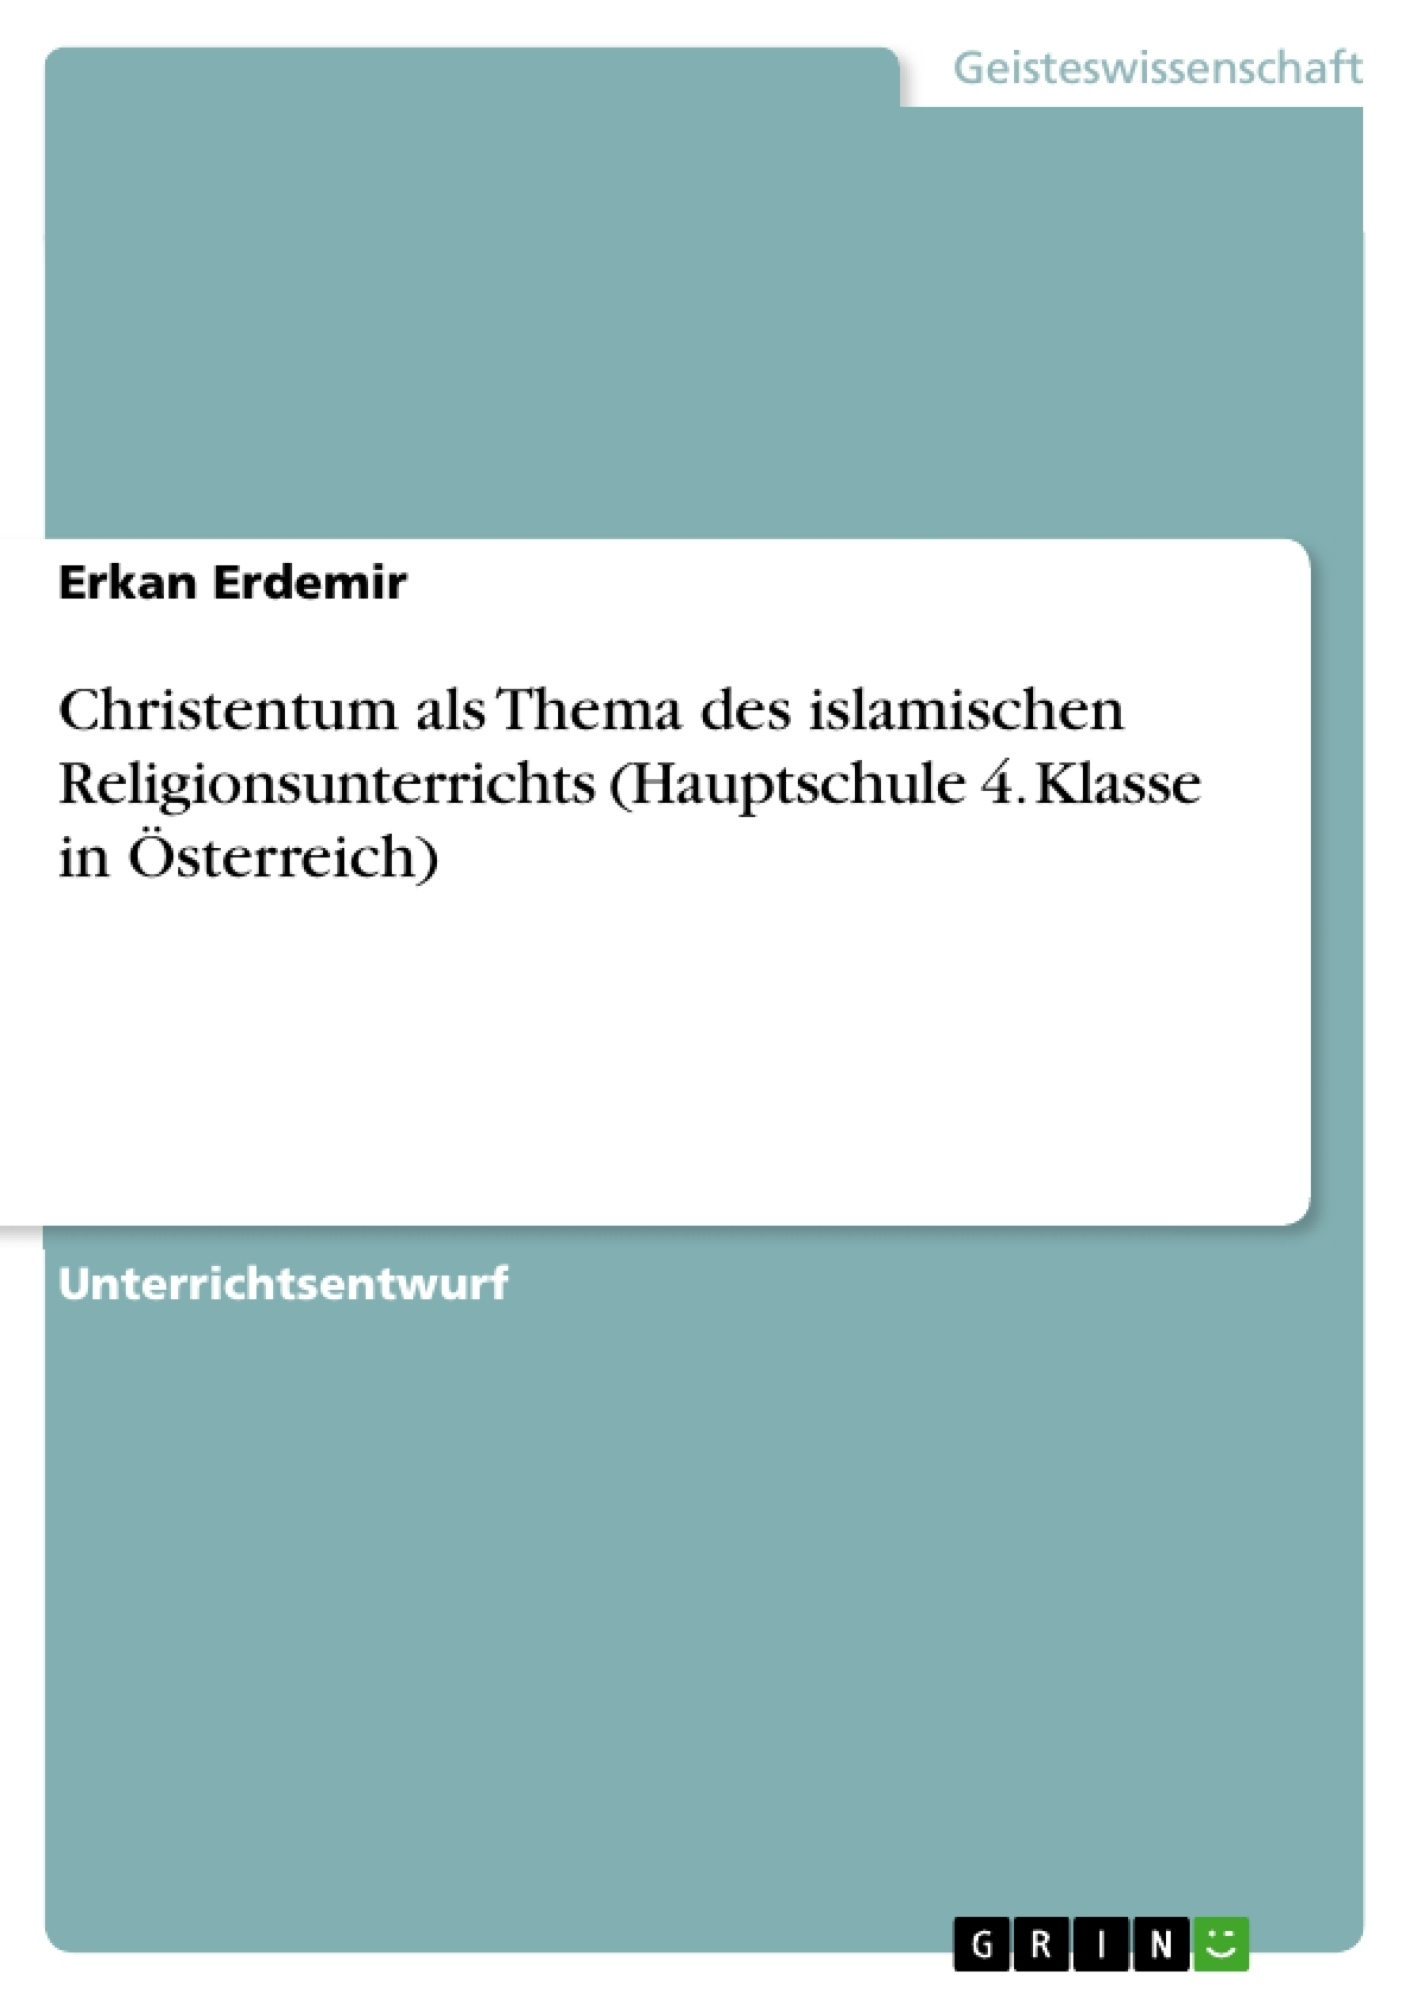 Titel: Christentum als Thema des islamischen Religionsunterrichts (Hauptschule 4. Klasse in Österreich)